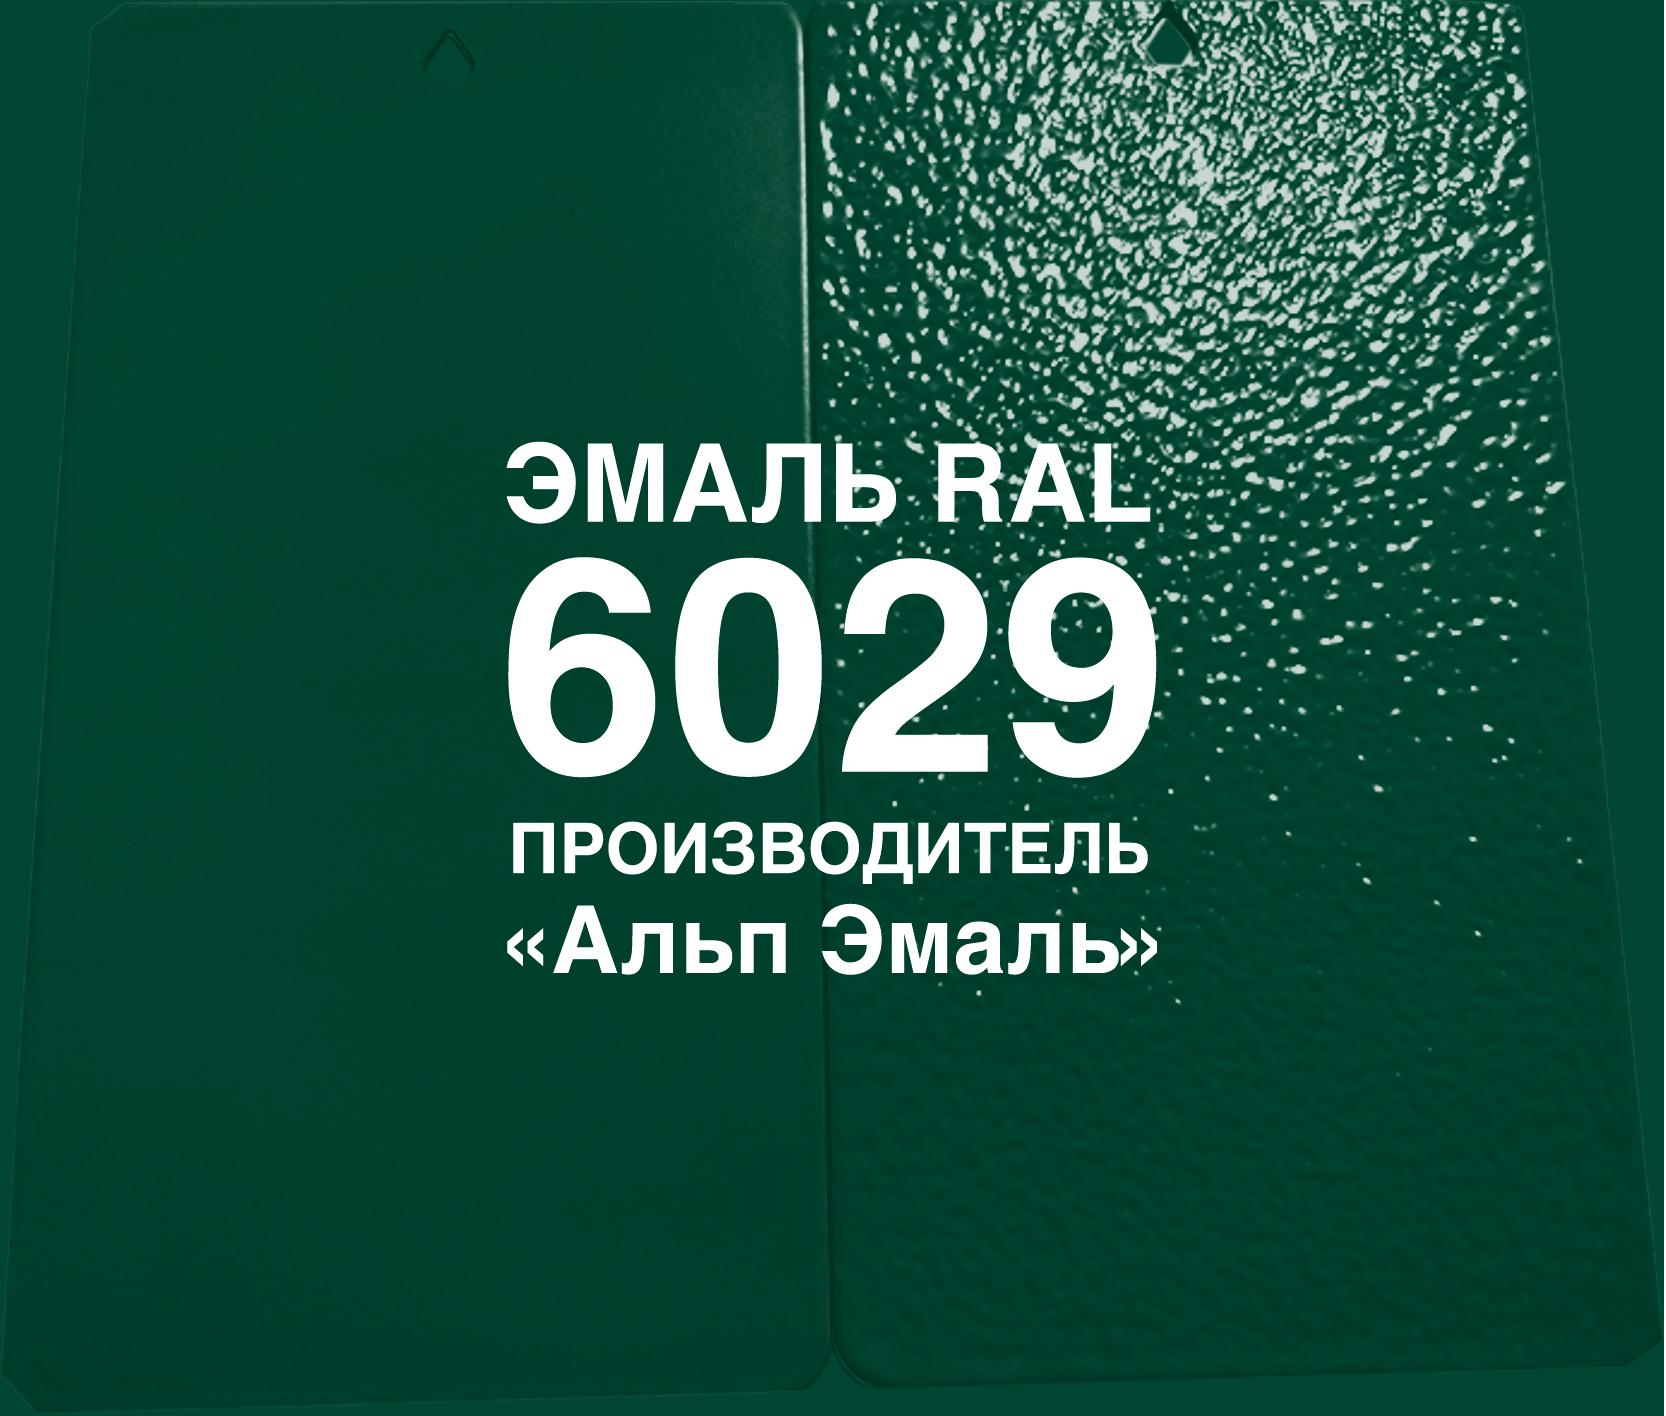 Краска эмаль RAL 6029 зеленая ЗАО Альп Эмаль